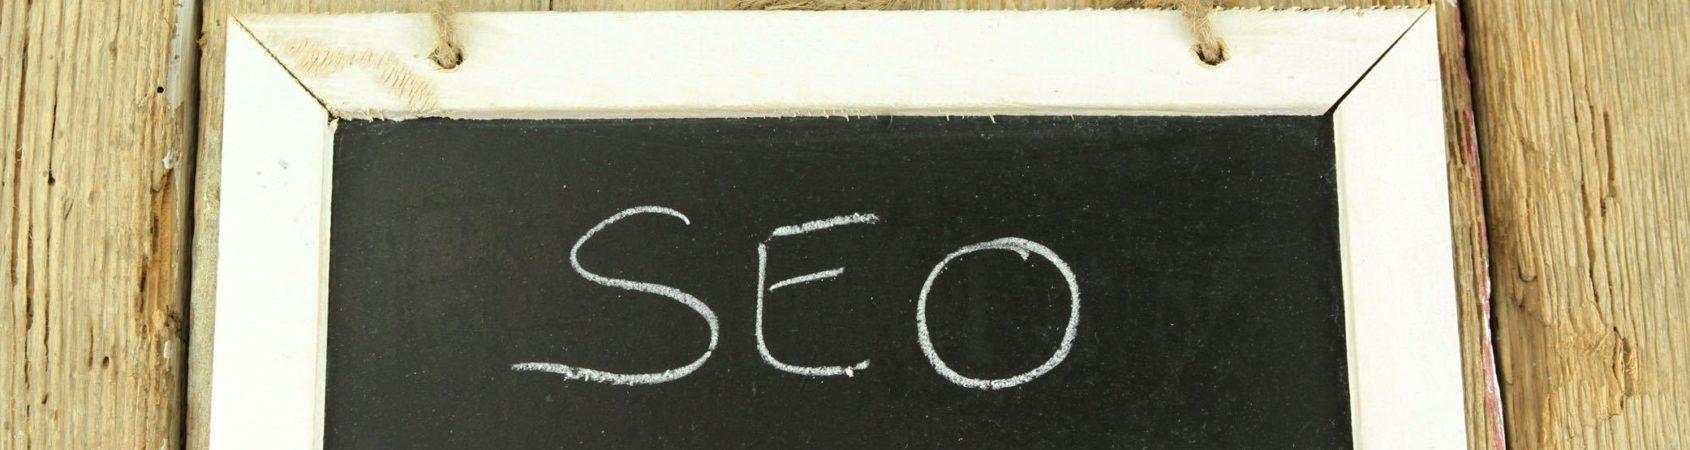 SEO : Utiliser un sous-domaine ou un répertoire pour votre site